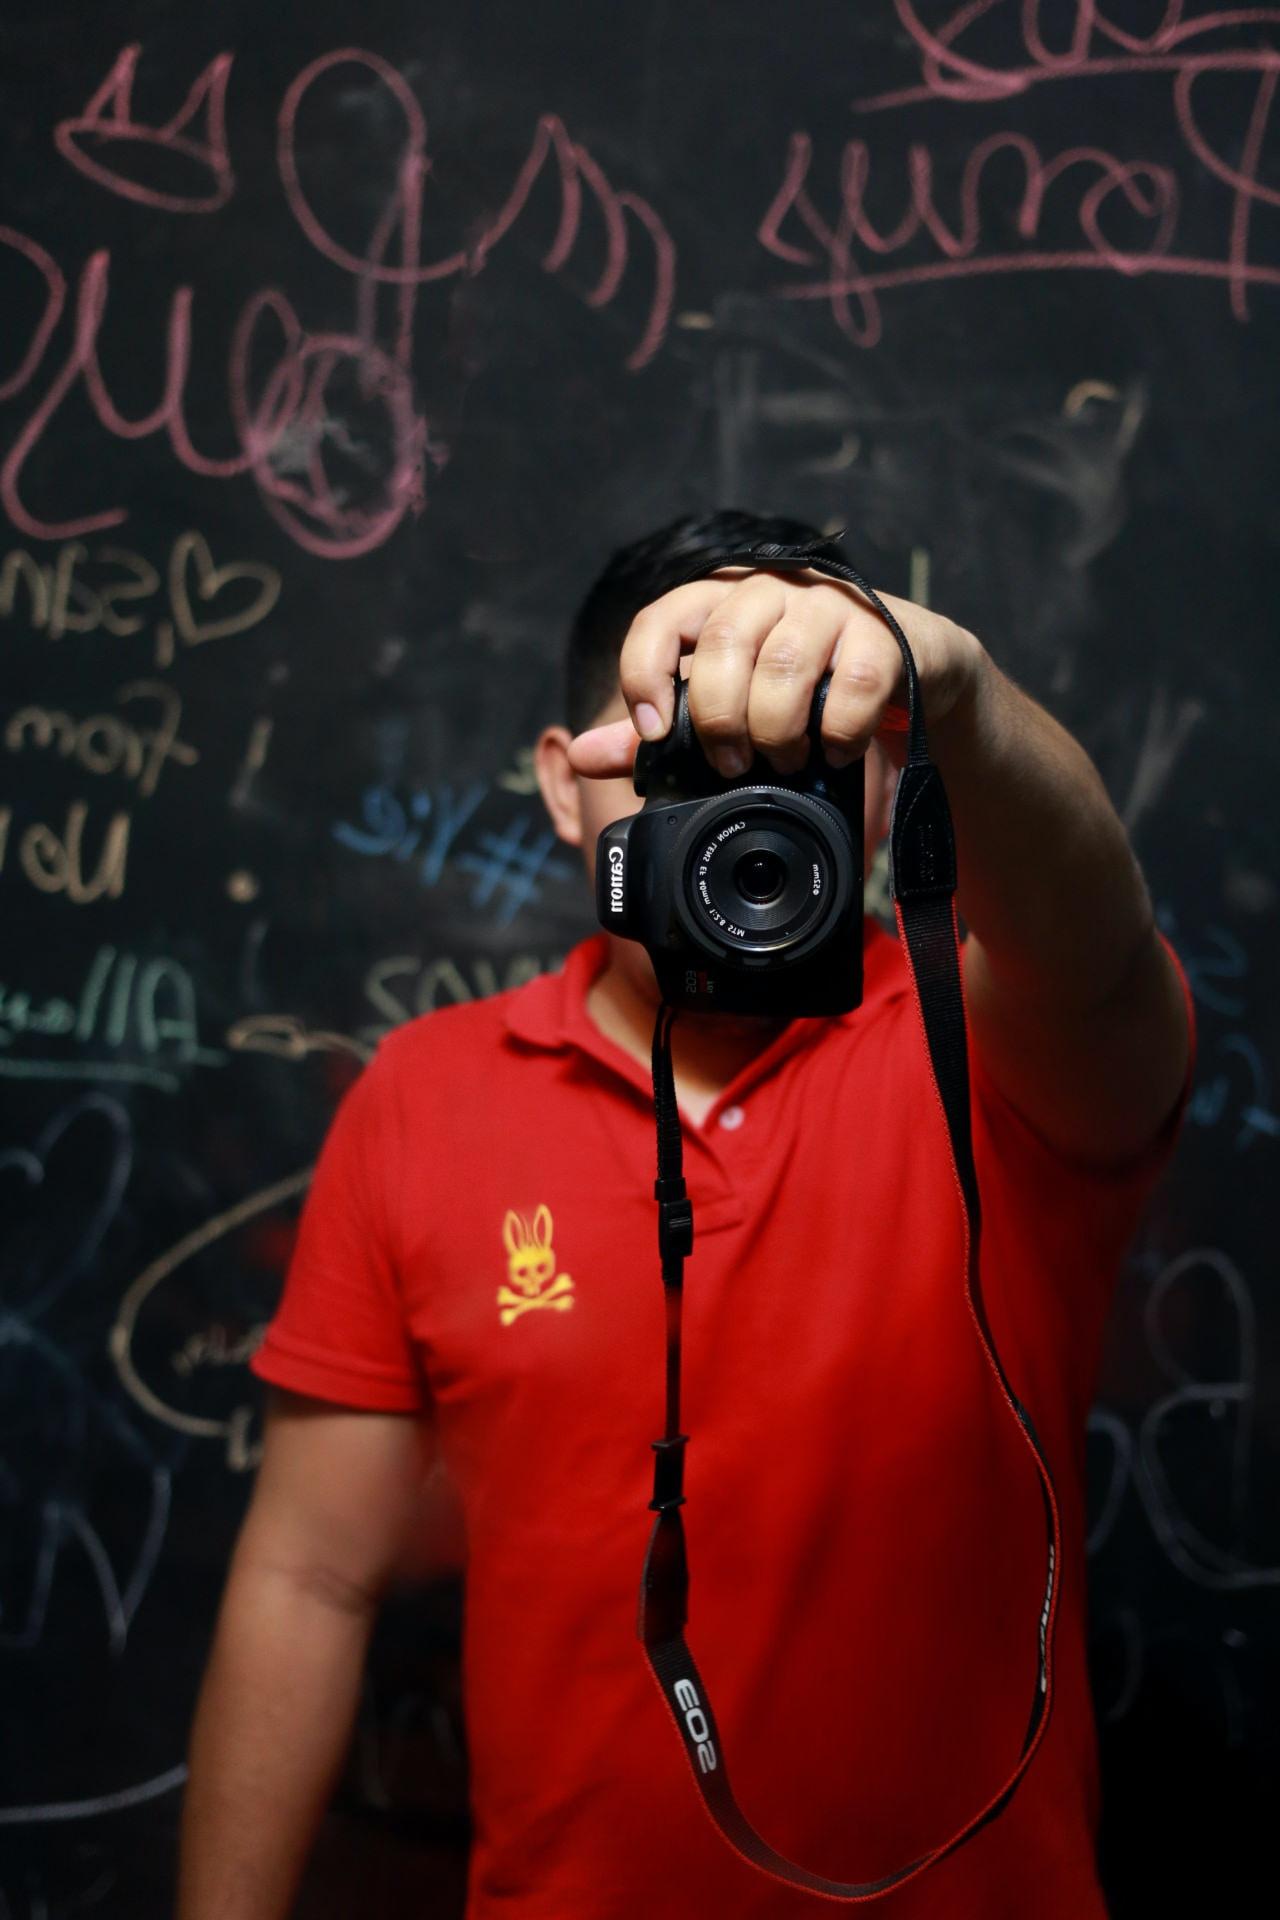 Go to Nathz Guardia's profile